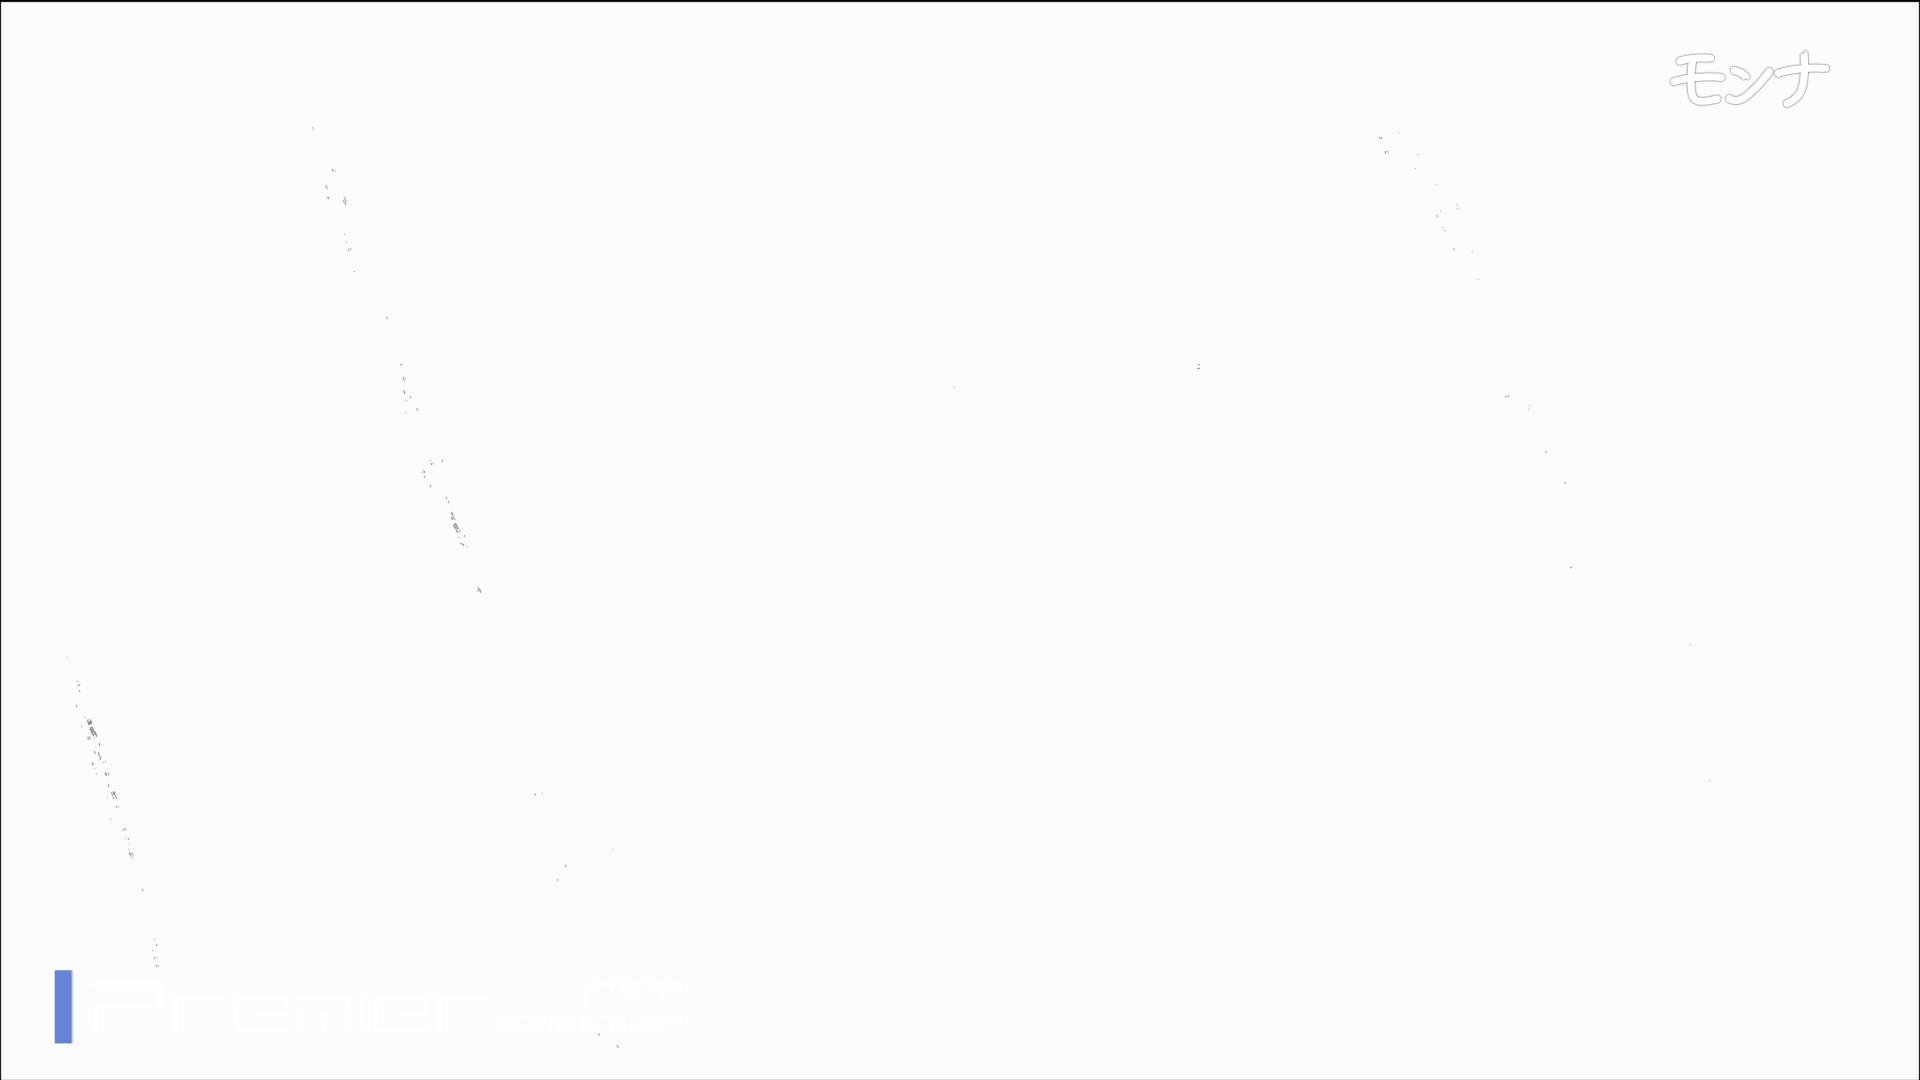 【美しい日本の未来 No.92】 高画質 戯れ無修正画像 100枚 25